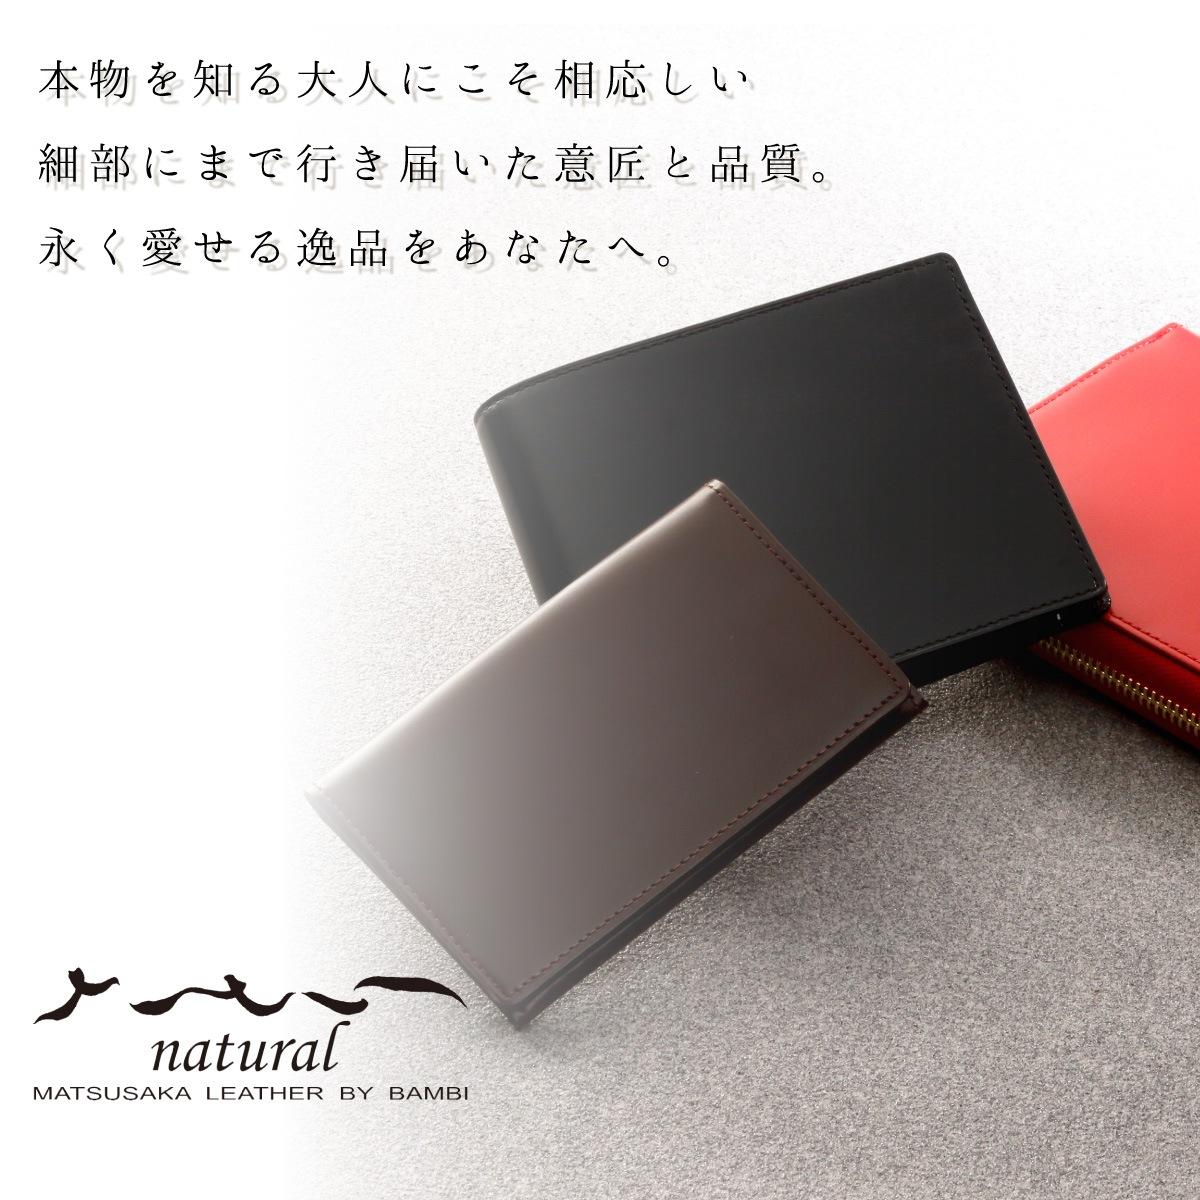 松阪レザーのプレミアム財布 さとりナチュラル ラウンドファスナー長財布 【カラー:群青】